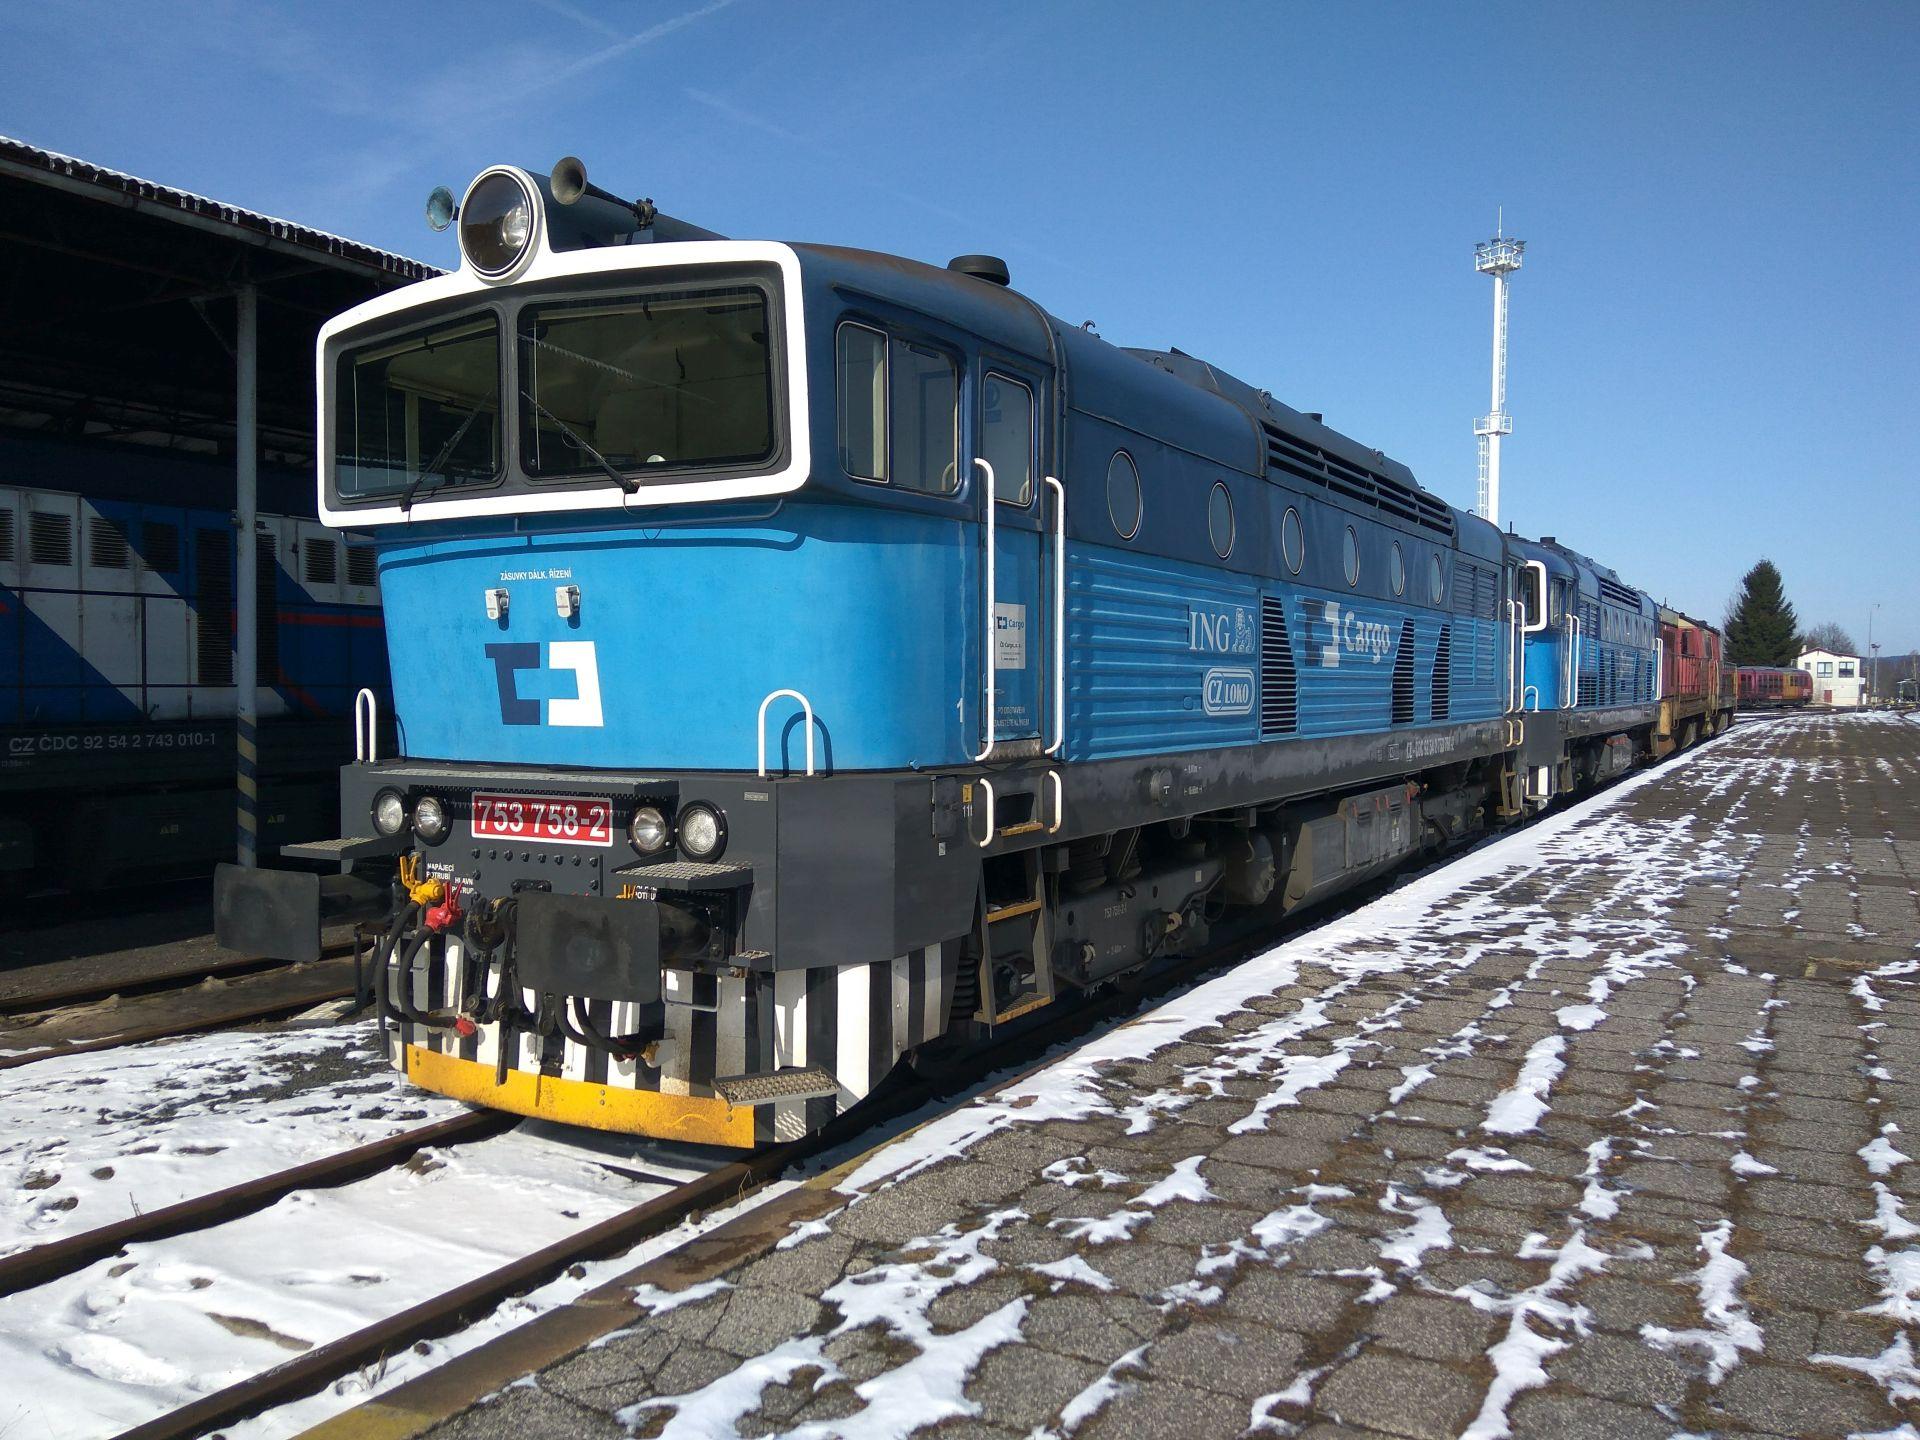 Brejlovci řady 753 (zachyceny ve stanici Liberec) prošly u ČD Cargo modernizací už dříve. Foto: Jan Sůra